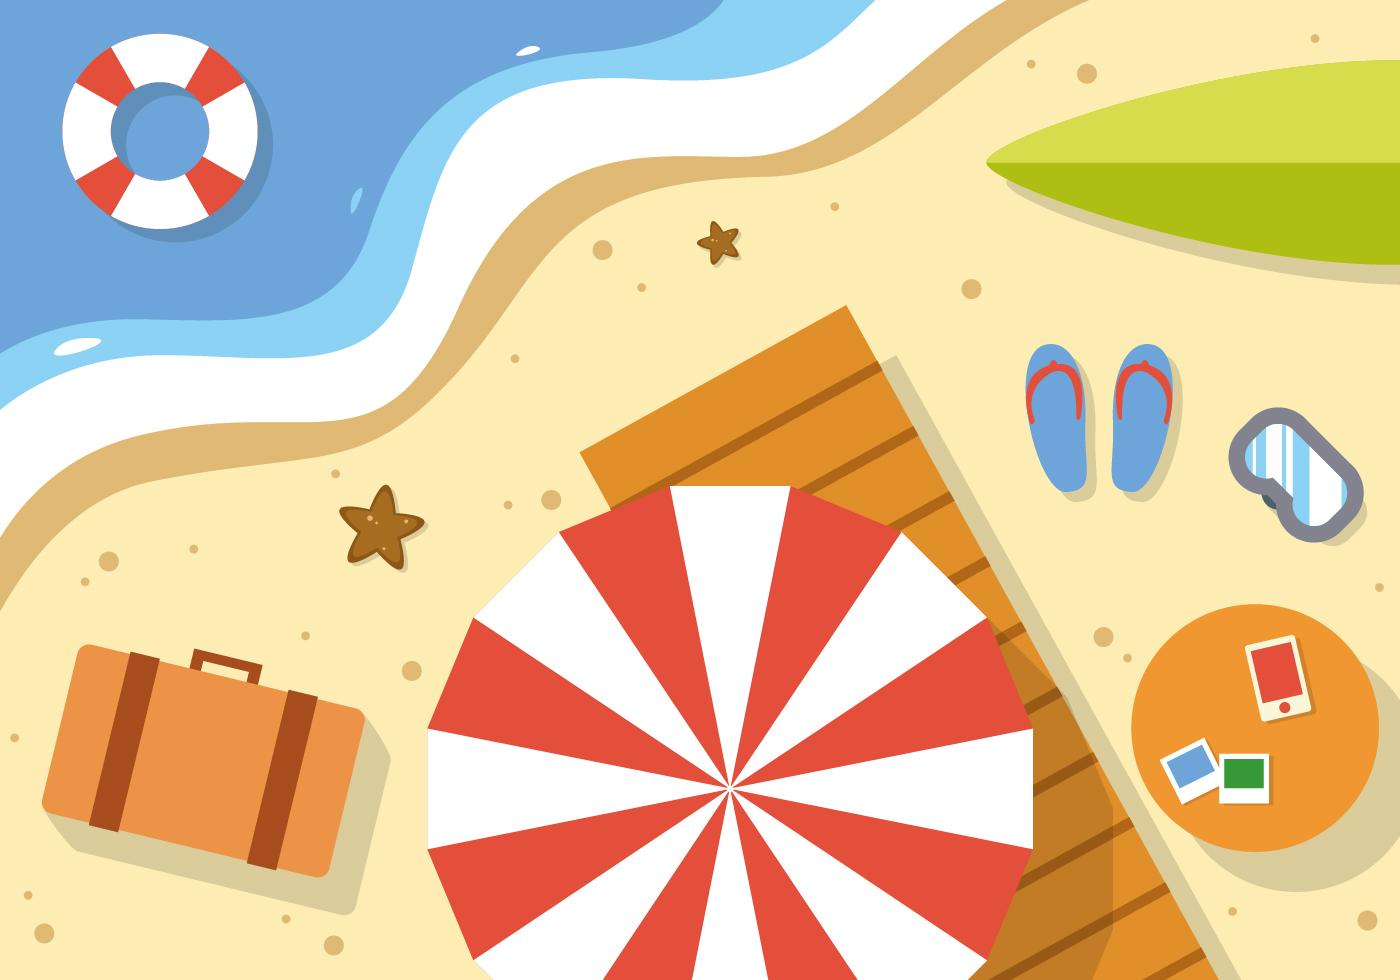 summer vector illustraitons - photo #3